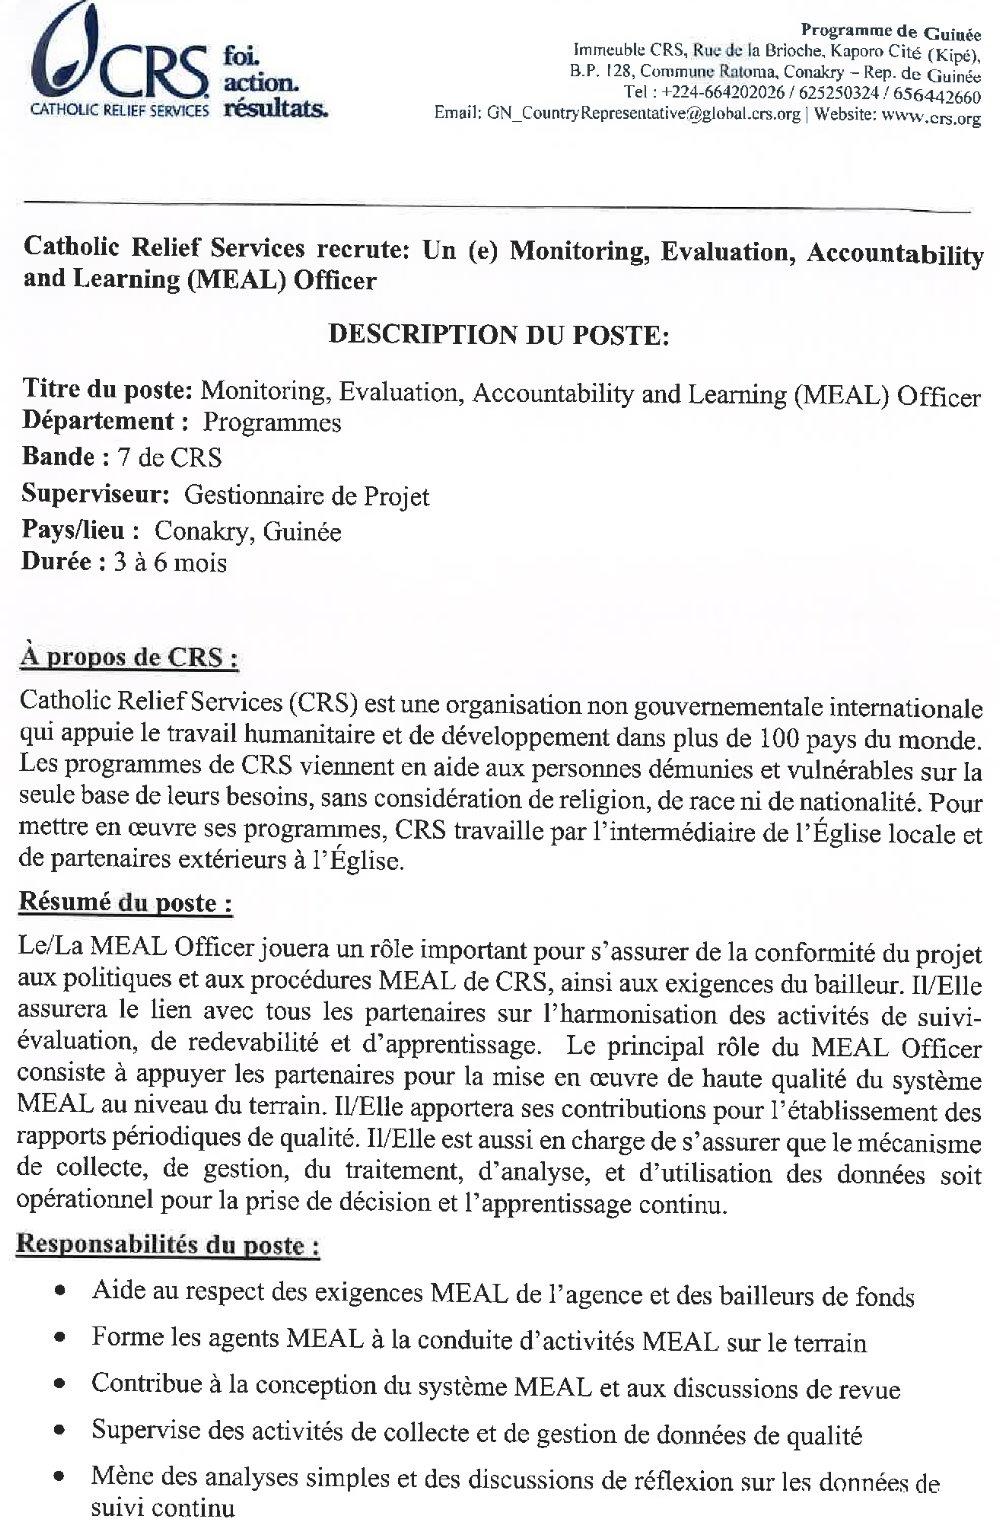 Offres d'emplois en Guinée conakry